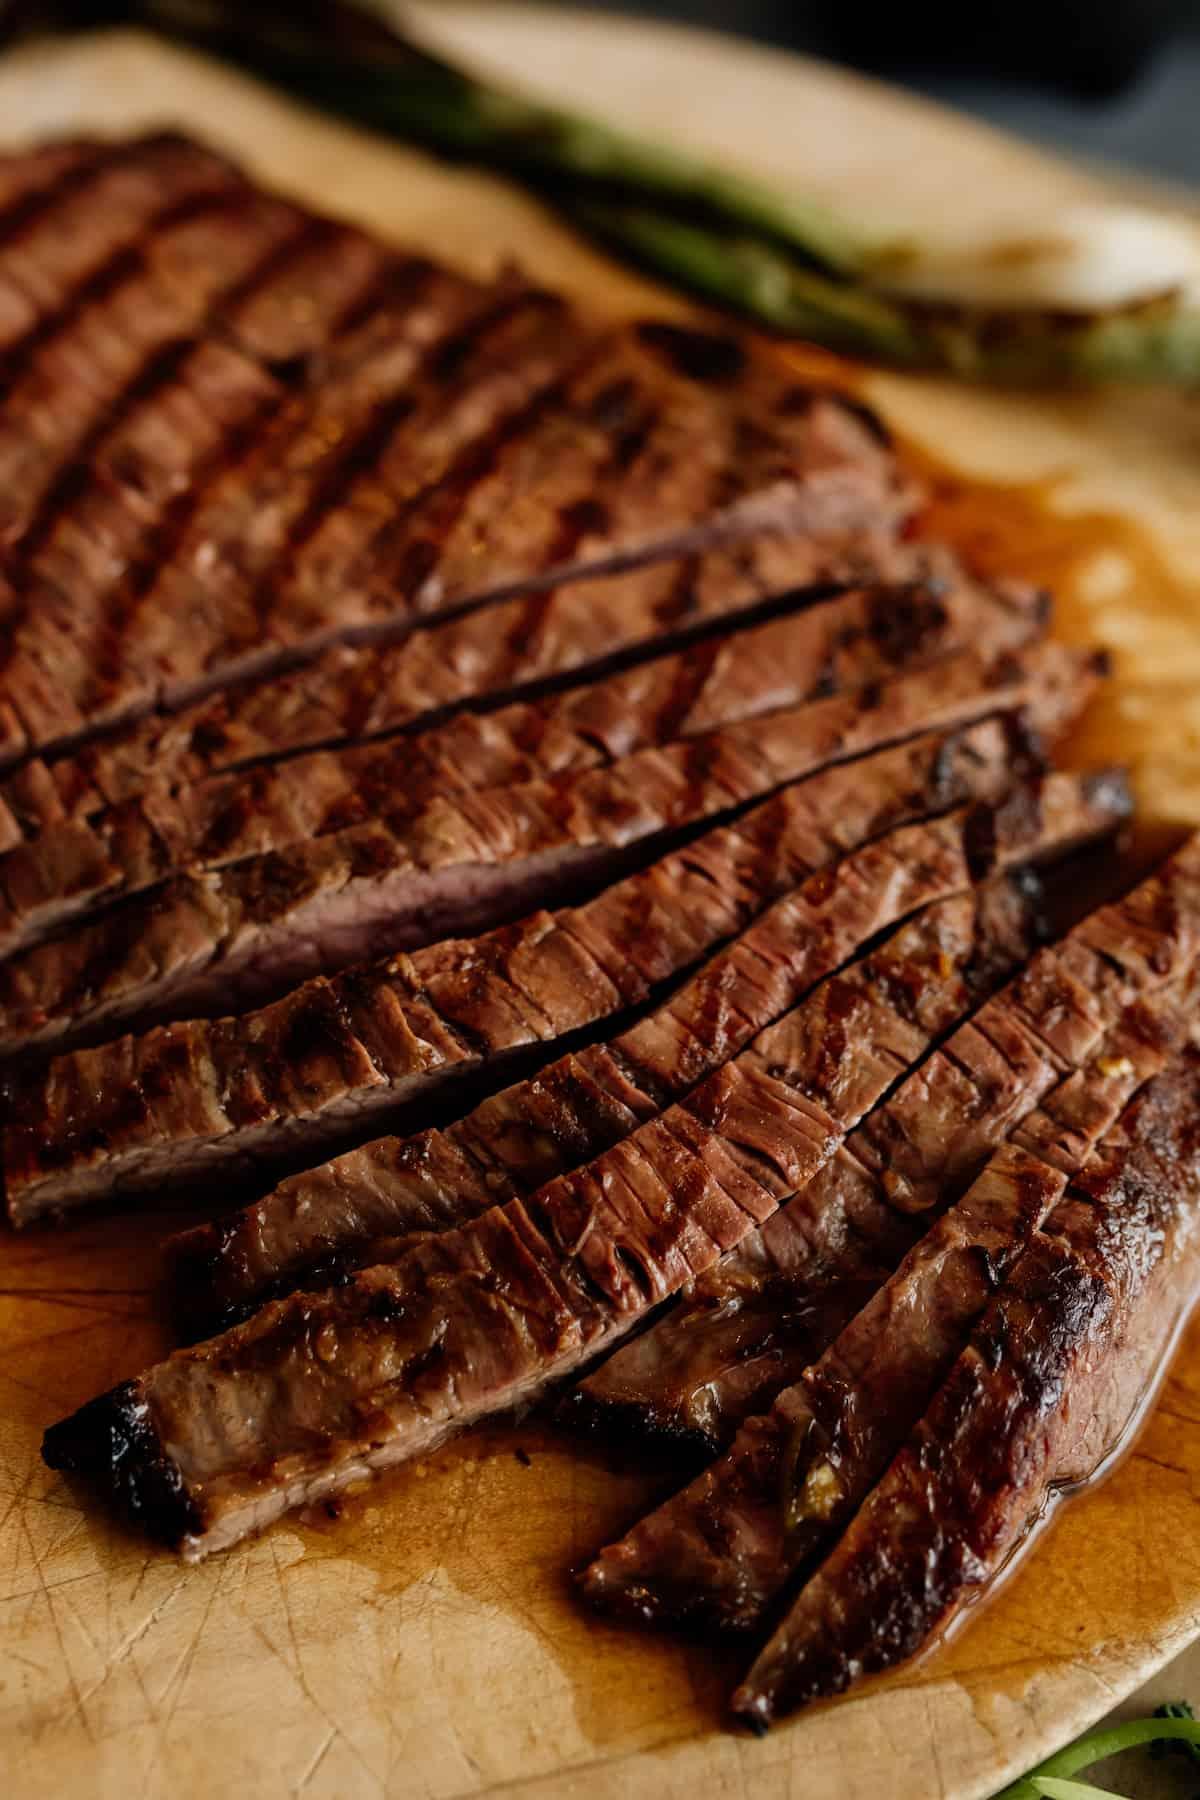 carne asada flank steak on a cutting board being sliced